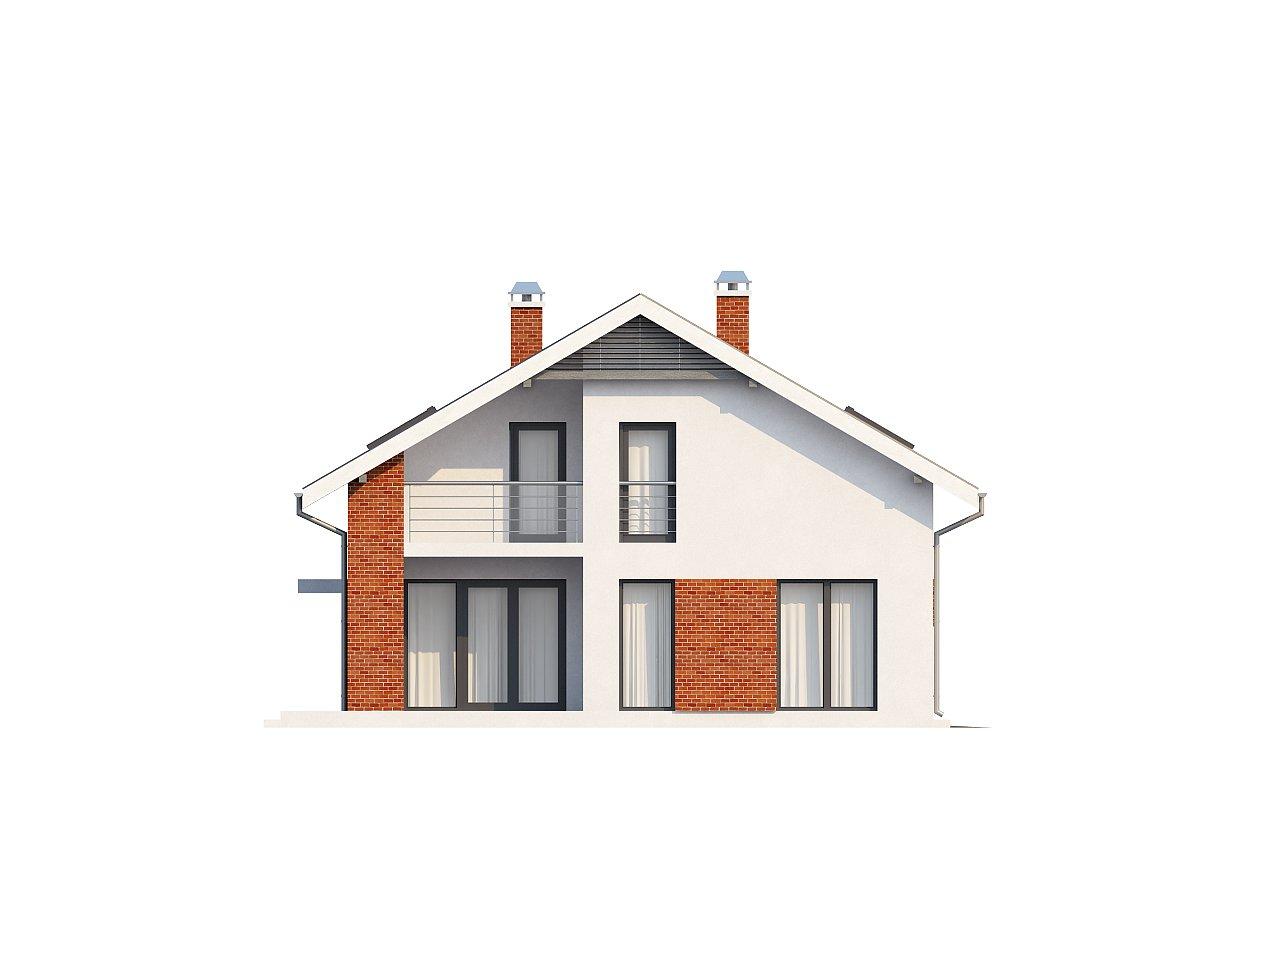 Просторный и комфортный дом со встроенным гаражом и двумя спальнями на первом этаже. 5